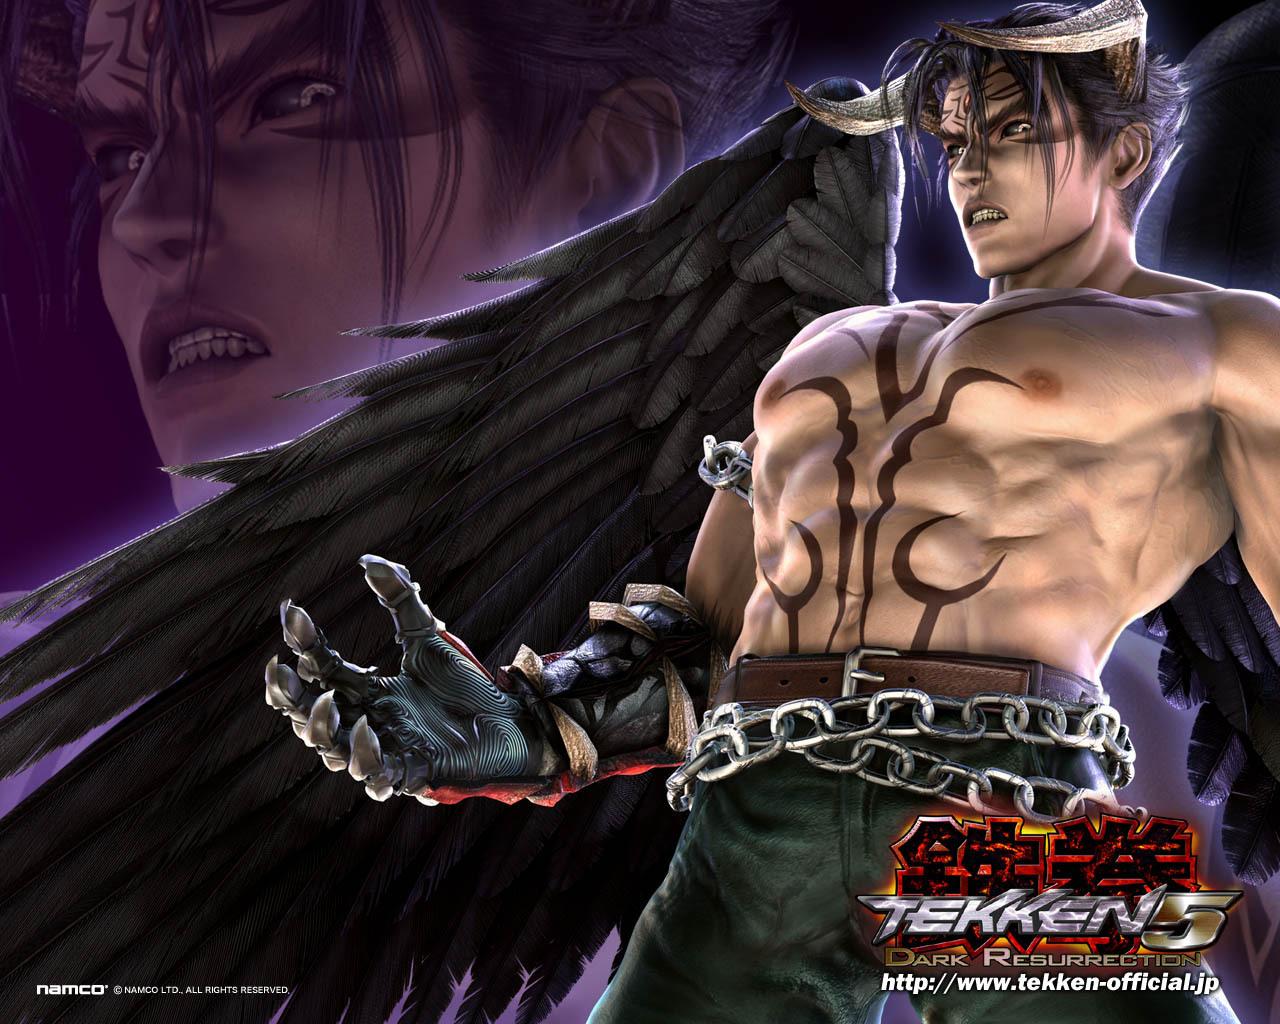 Jin Kazama Devil Jin Wallpaper Tekken 5 1280x1024 Wallpaper